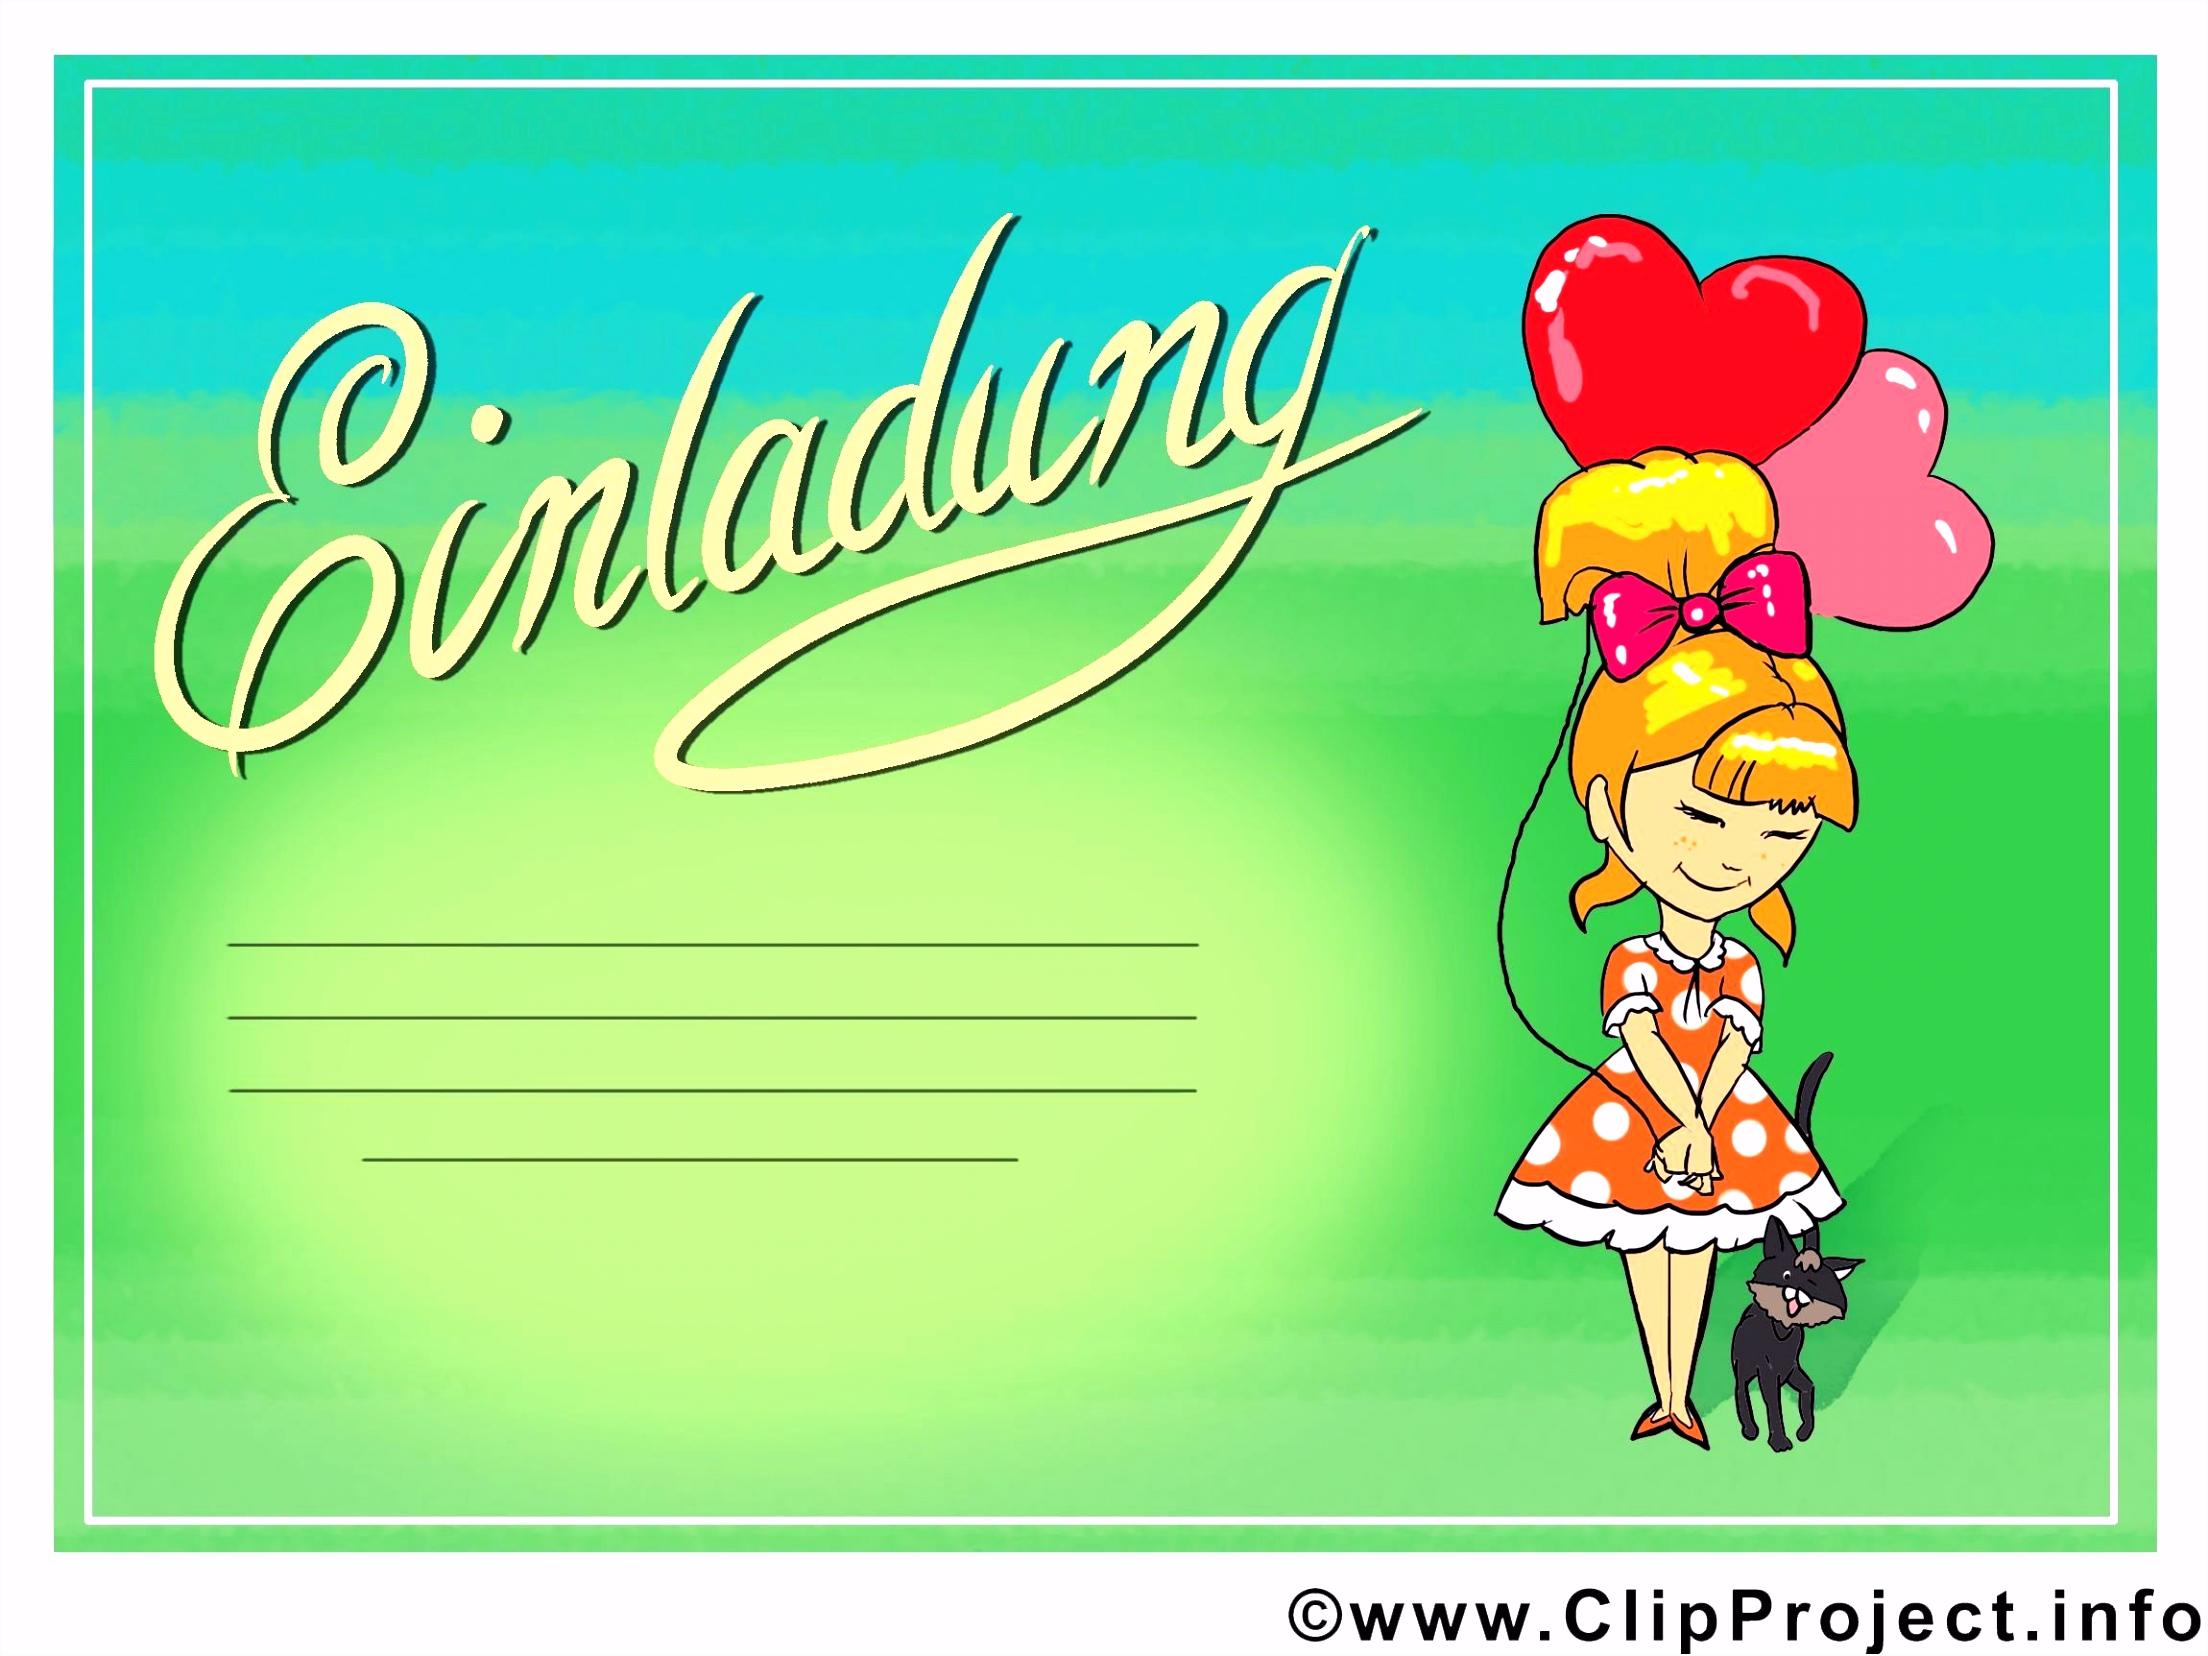 Vorlage Einladung Geburtstag Kostenlos Download Unglaubliche Einladung Vorlage Kostenlos Download O2vy82vxi3 P5csmmixxs